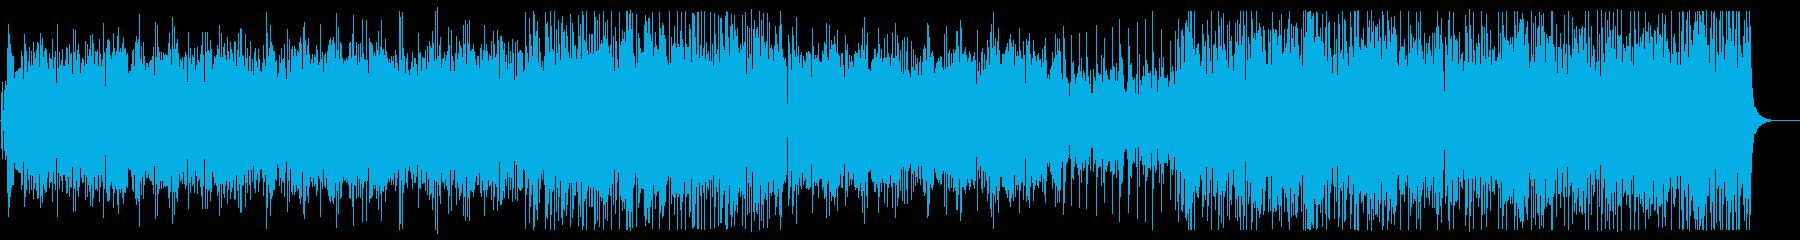 緩やかでリズミカルなシンセサンバ風BGMの再生済みの波形